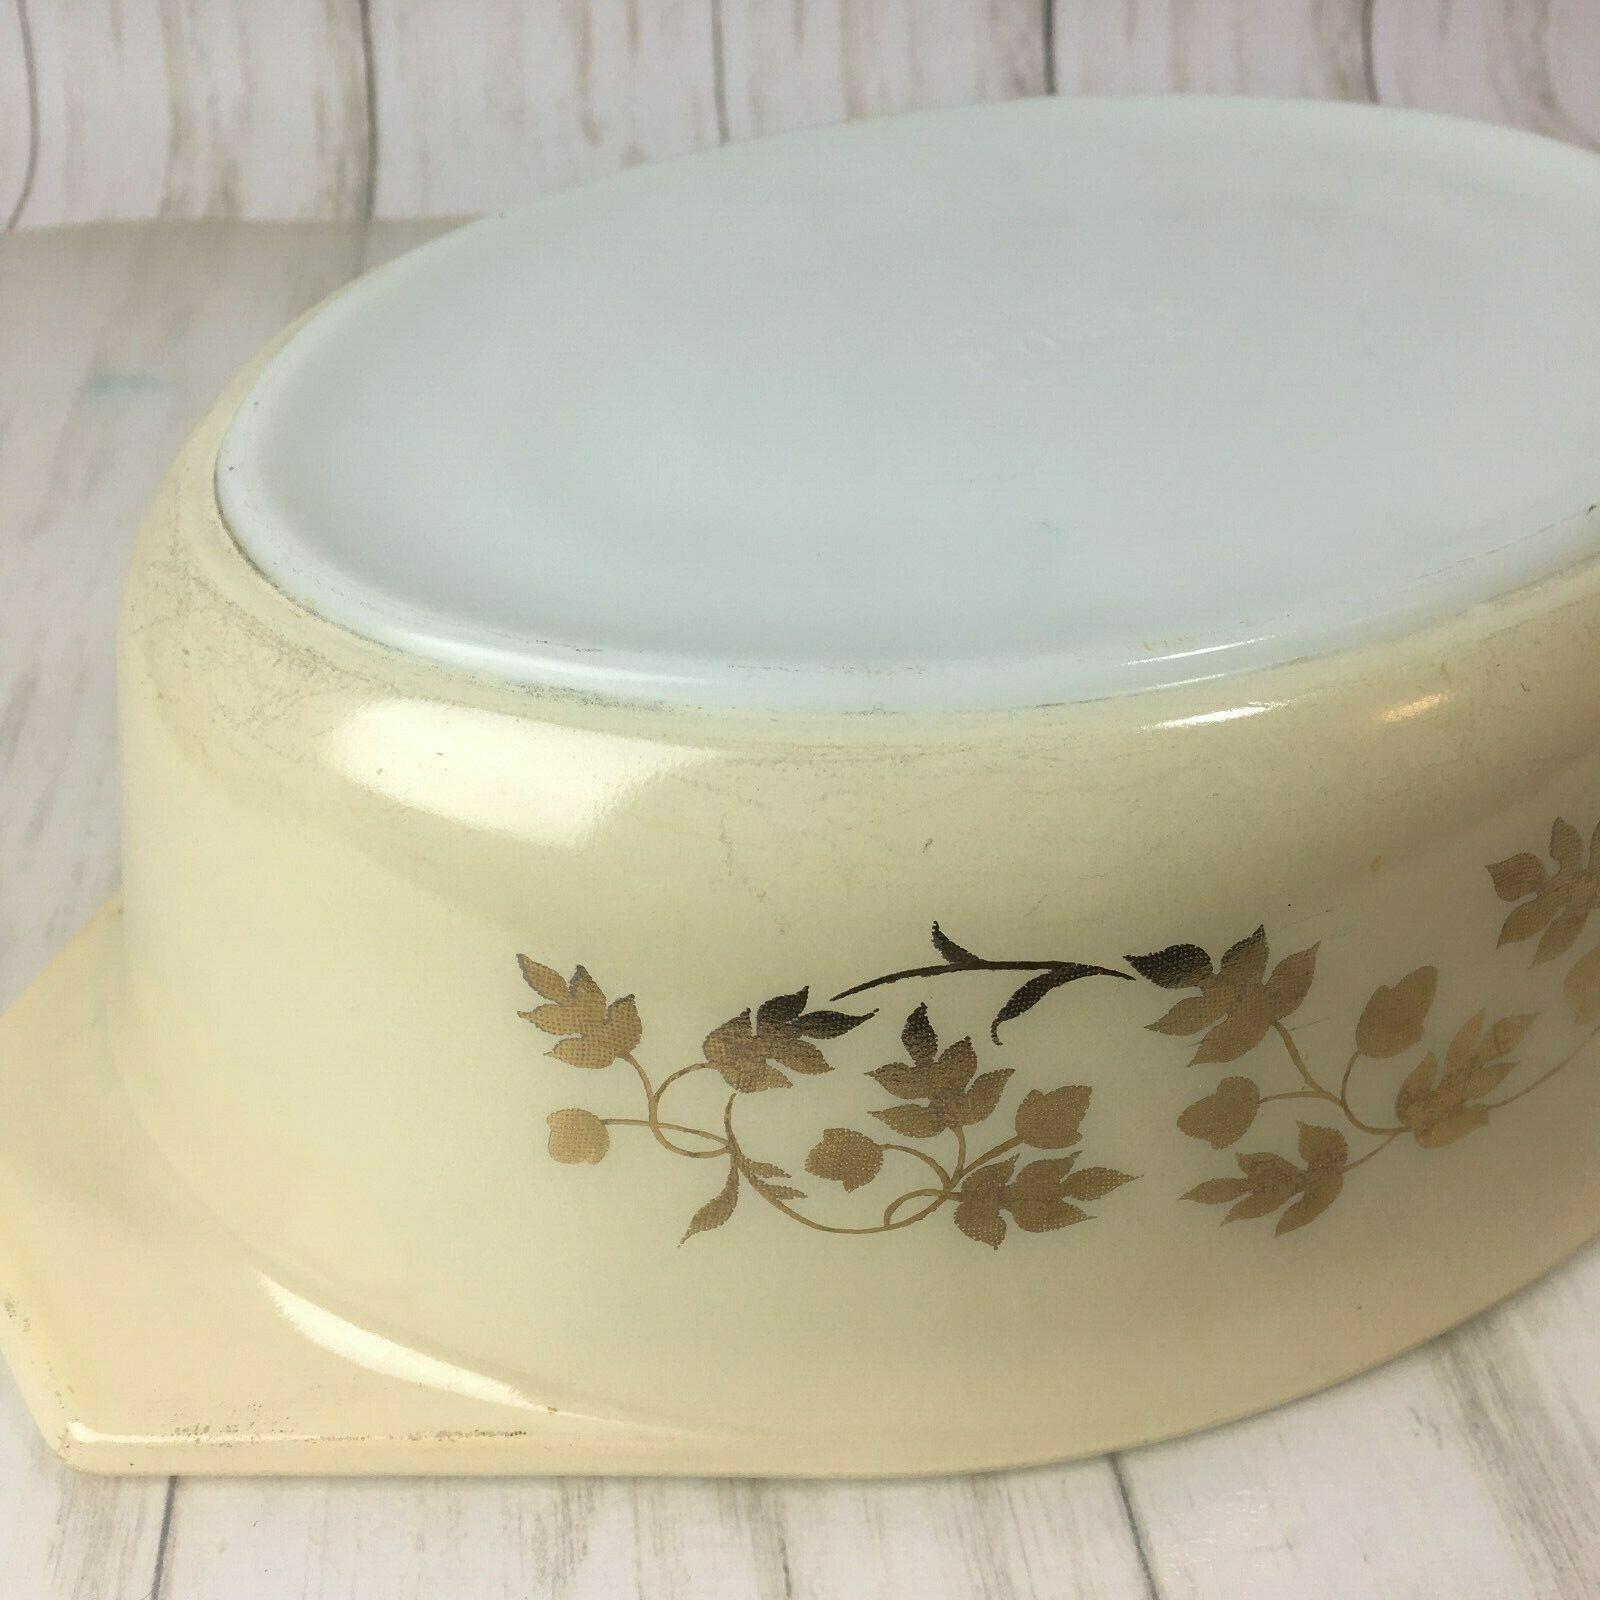 Vintage  Pyrex Golden Acorn Oval Casserole Dish 2 1/5 qt  045